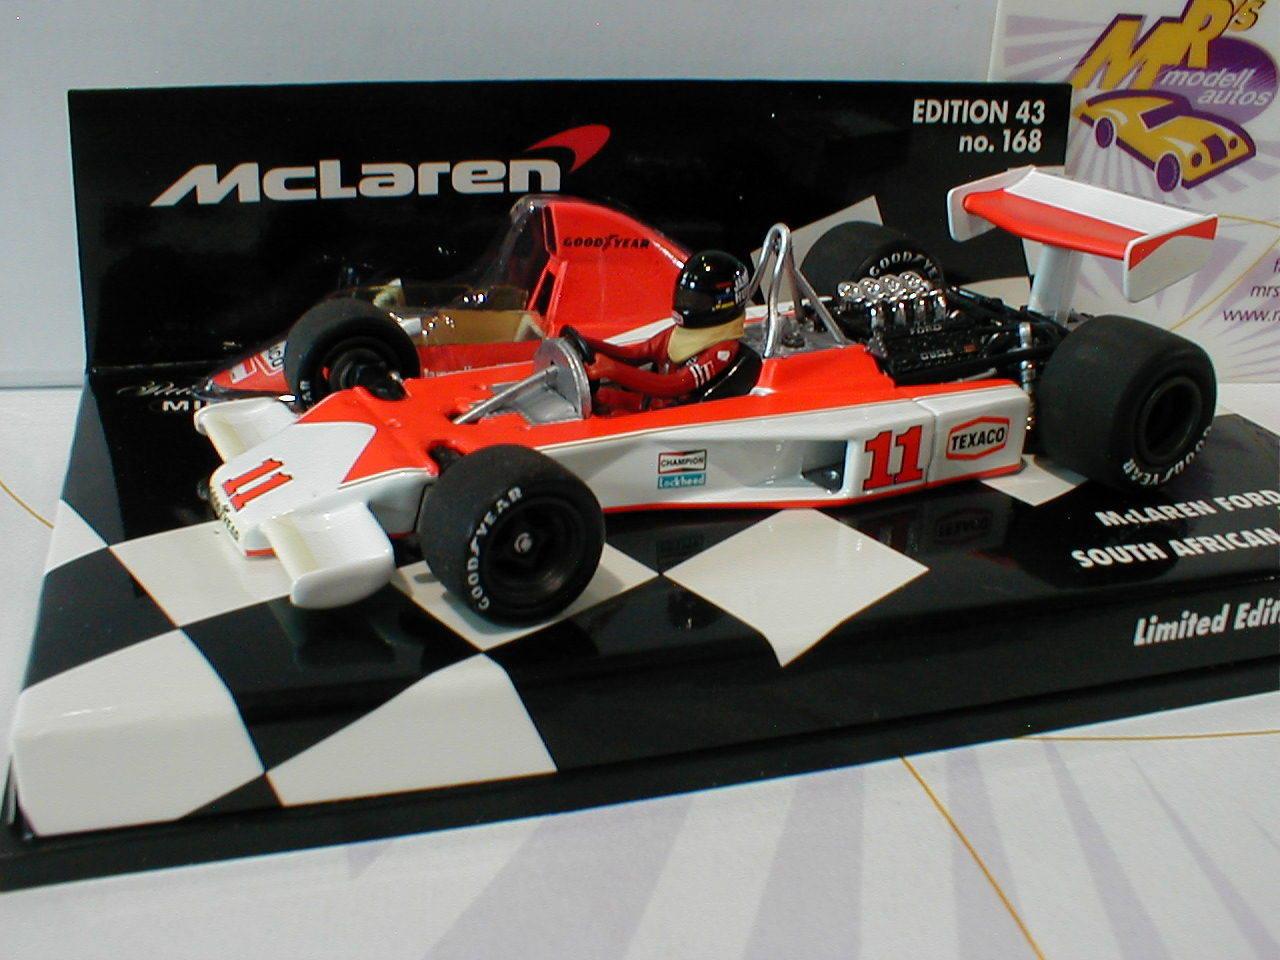 Minichamps  530764331-McLaren Ford m23 No. 11 South Africa GP 1976 James Hunt 1 43  excellent prix